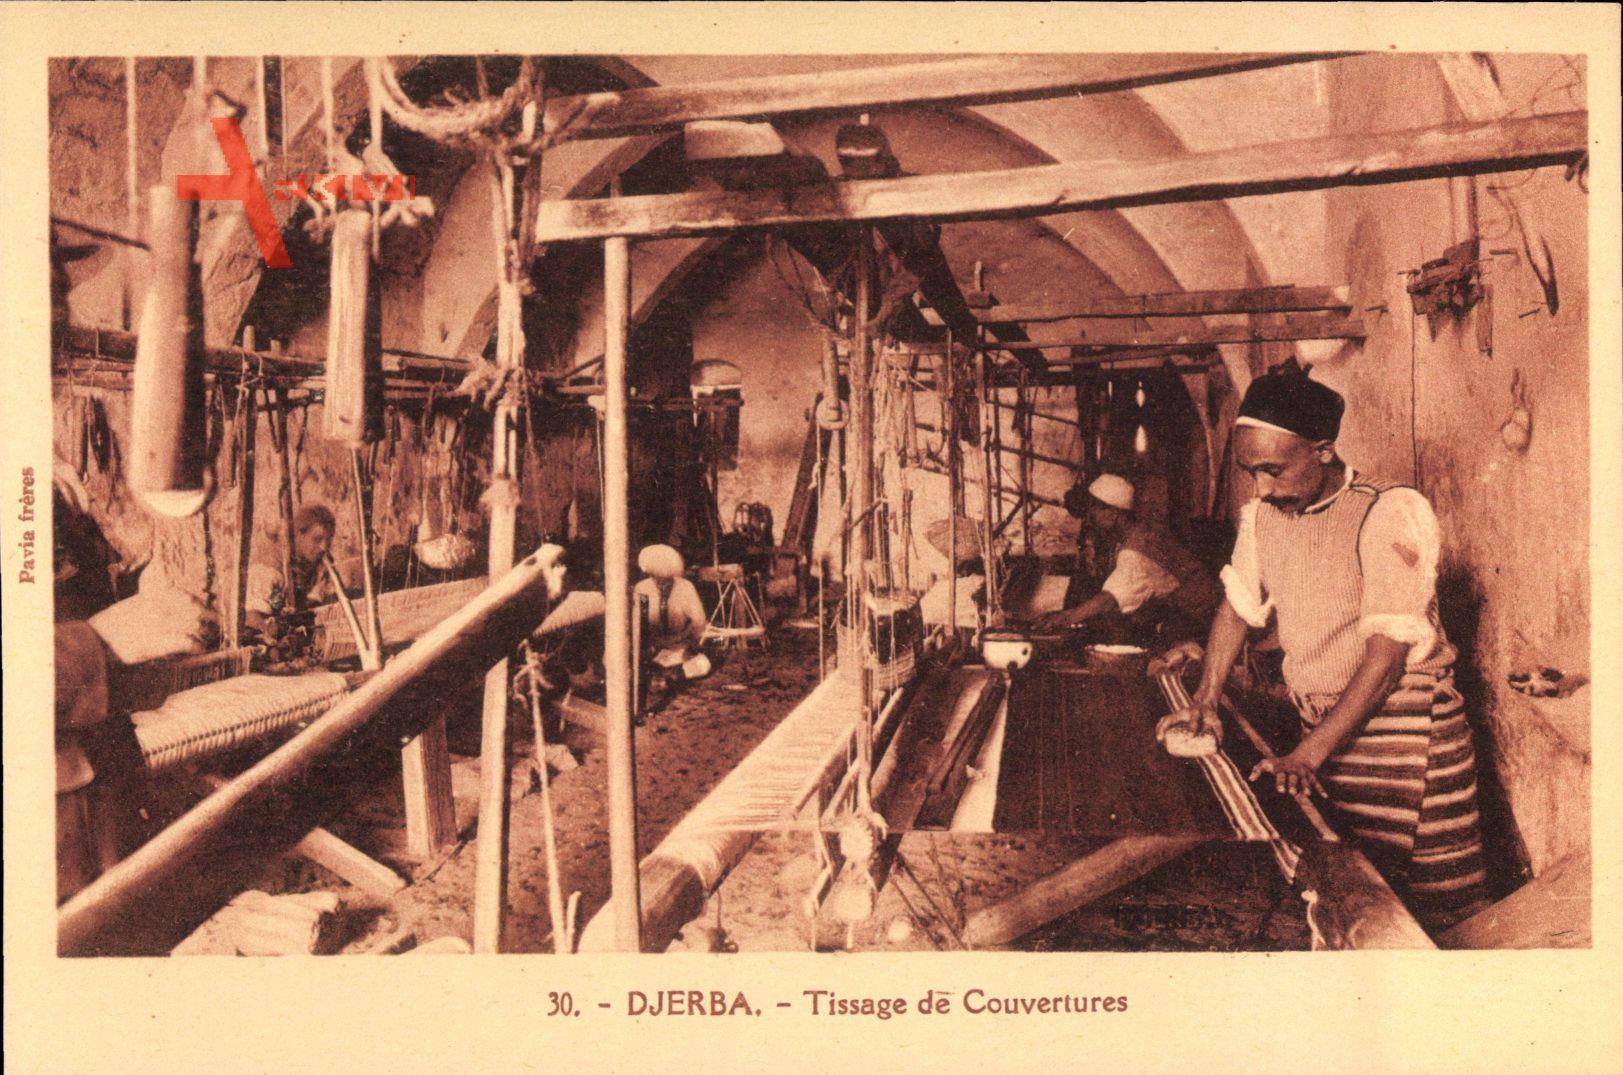 Djerba Tunesien, Tissage de Couvertures, Teppichweber bei der Arbeit